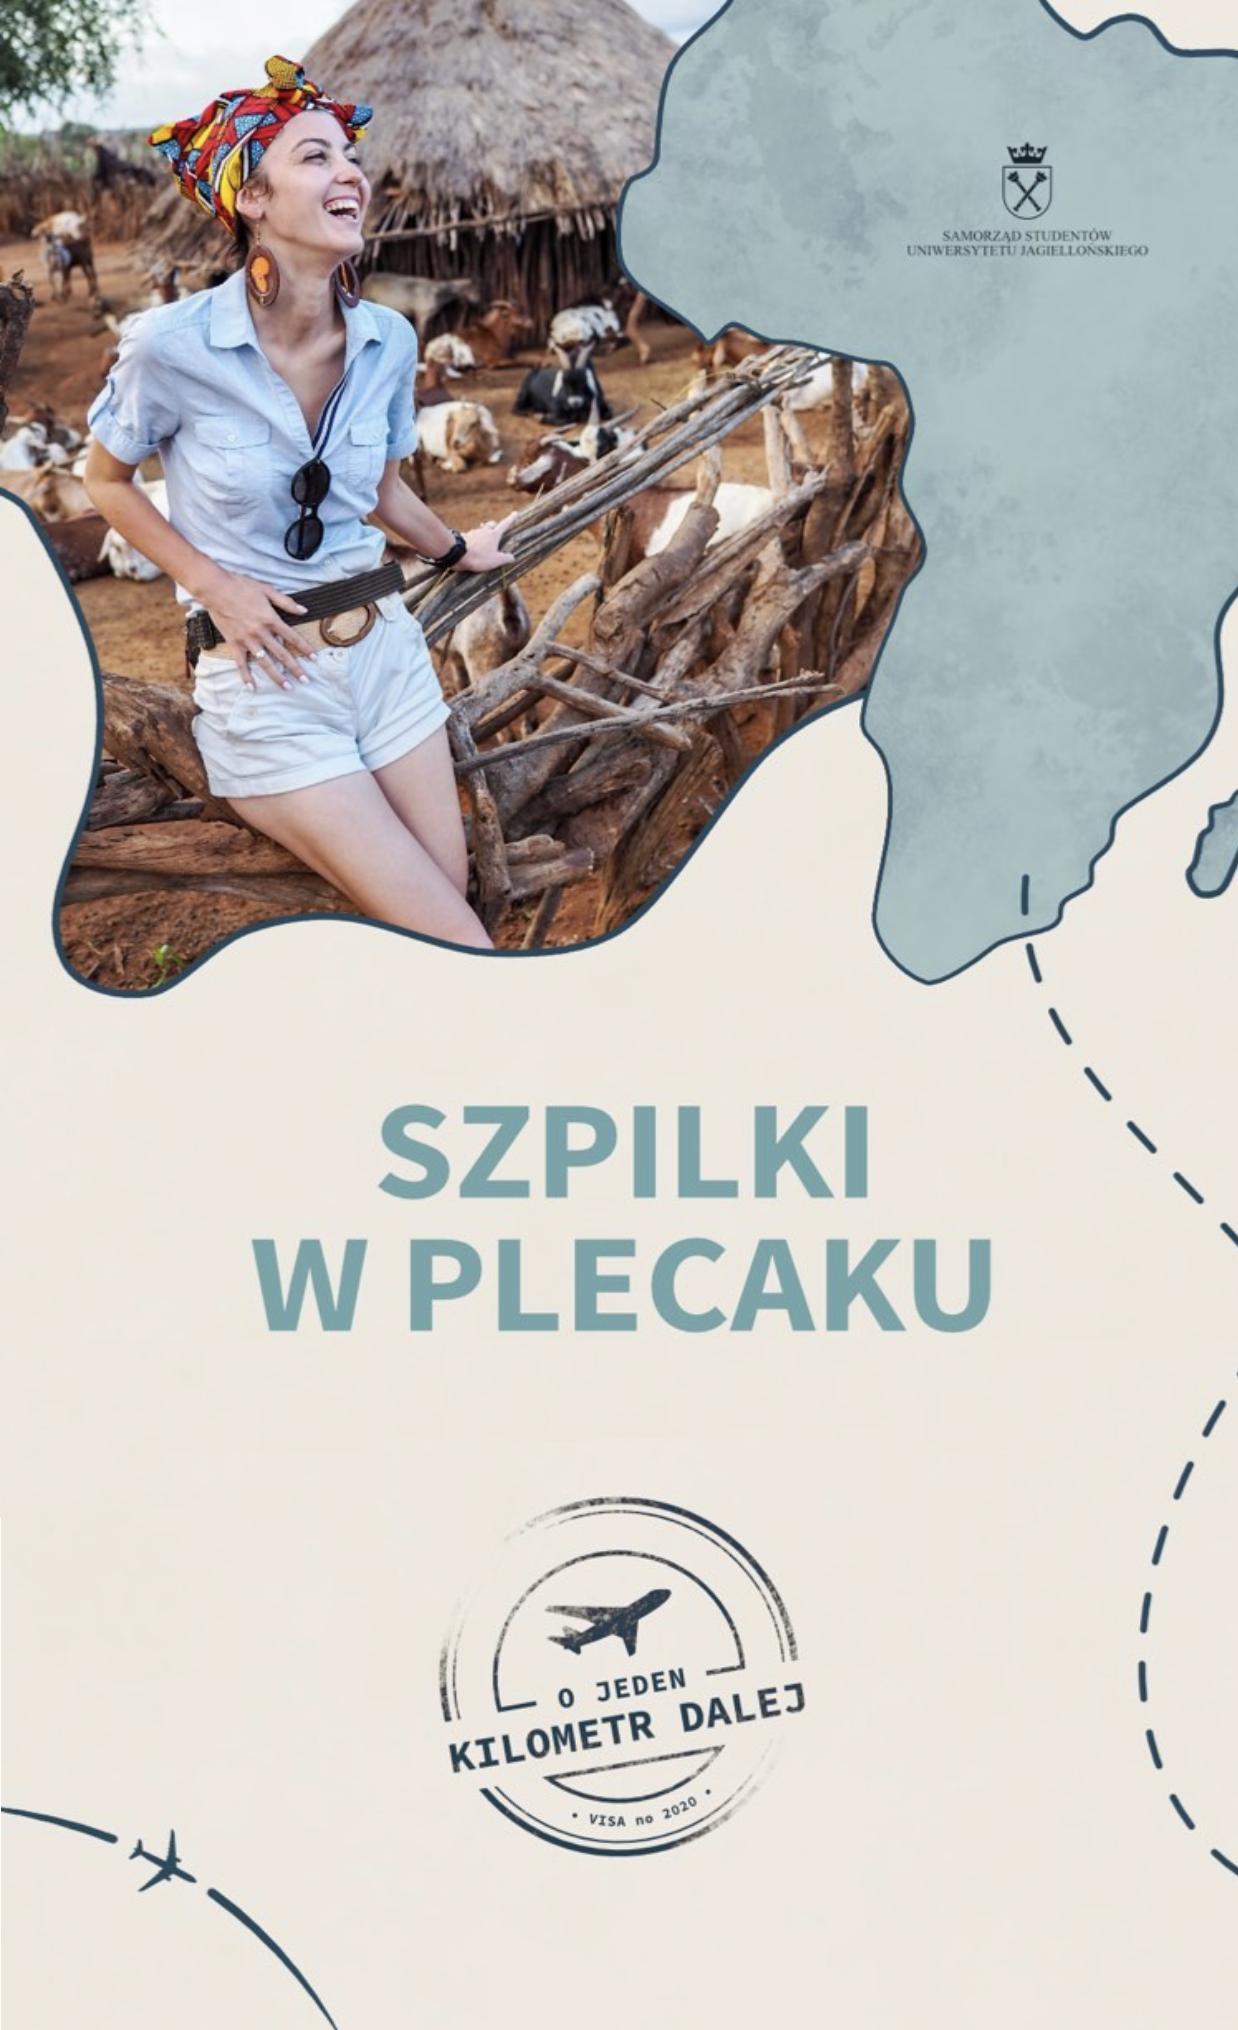 """O odpowiedzialnym podróżowaniu i byciu rozbitkiem na bezludnej wyspie – Festiwal Studentów UJ """"O jeden kilometr dalej.."""""""